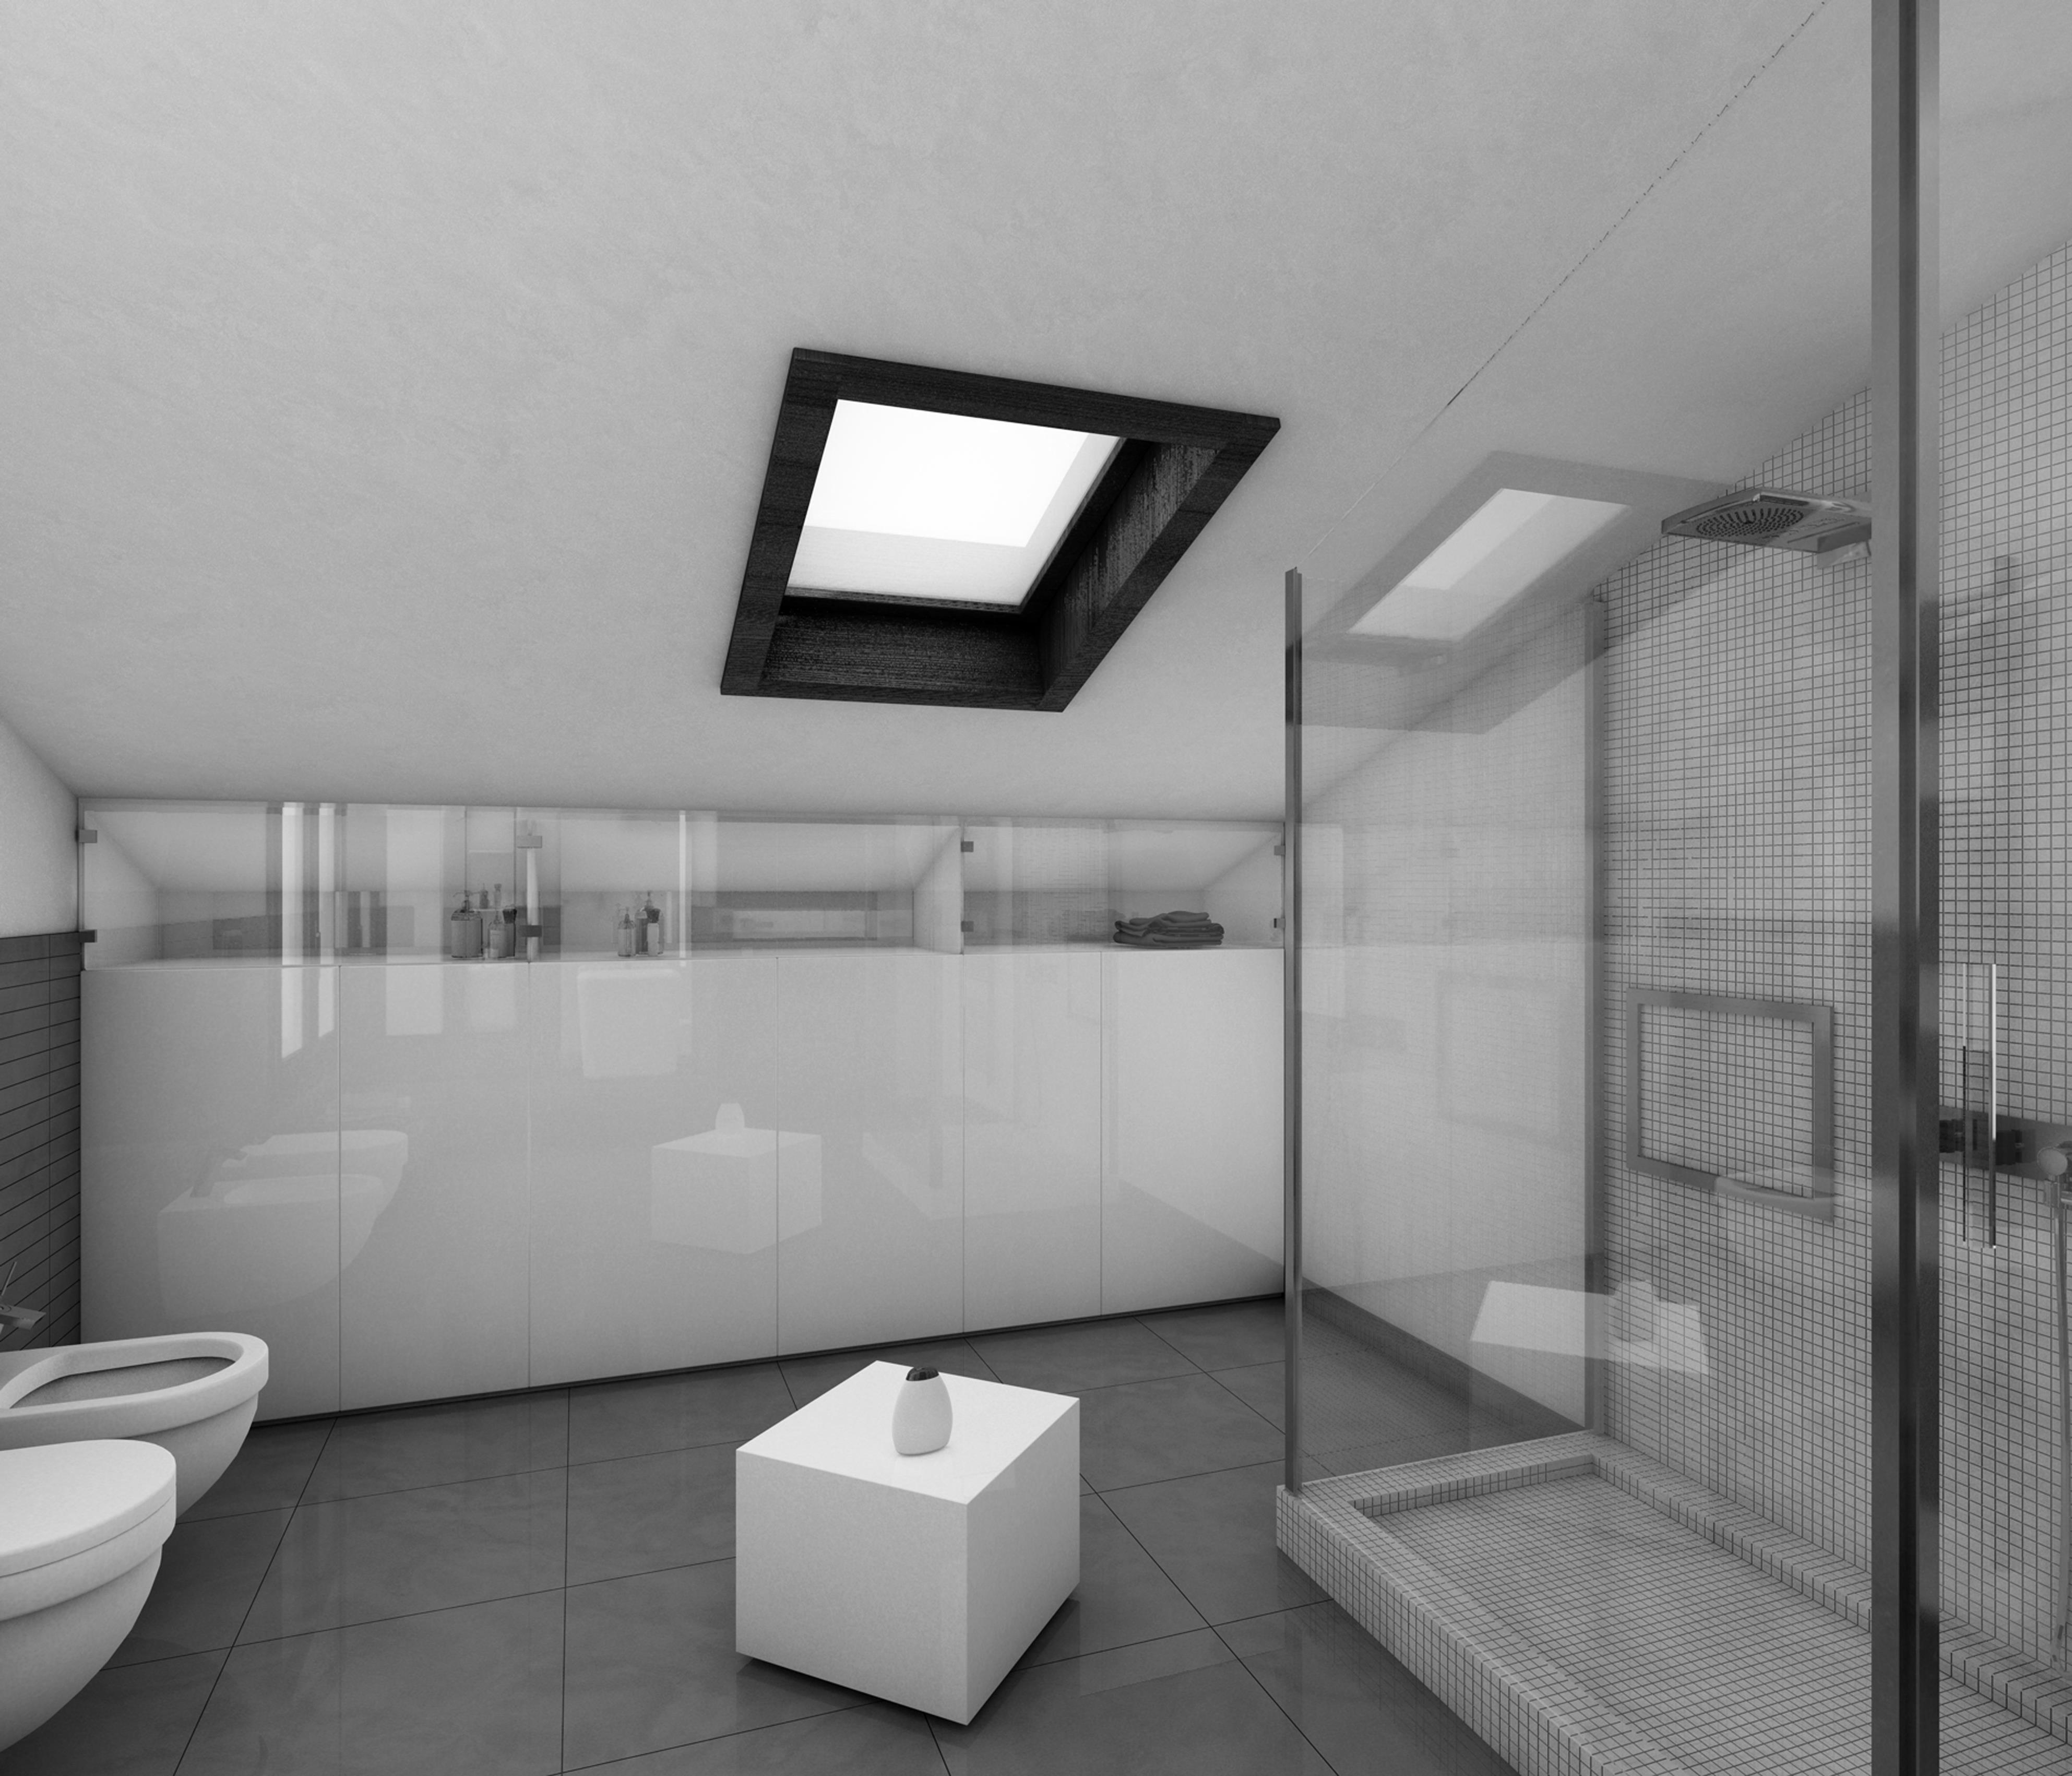 Mobili stile moderno arredamenti sg arredamento stile for Mobili stile moderno